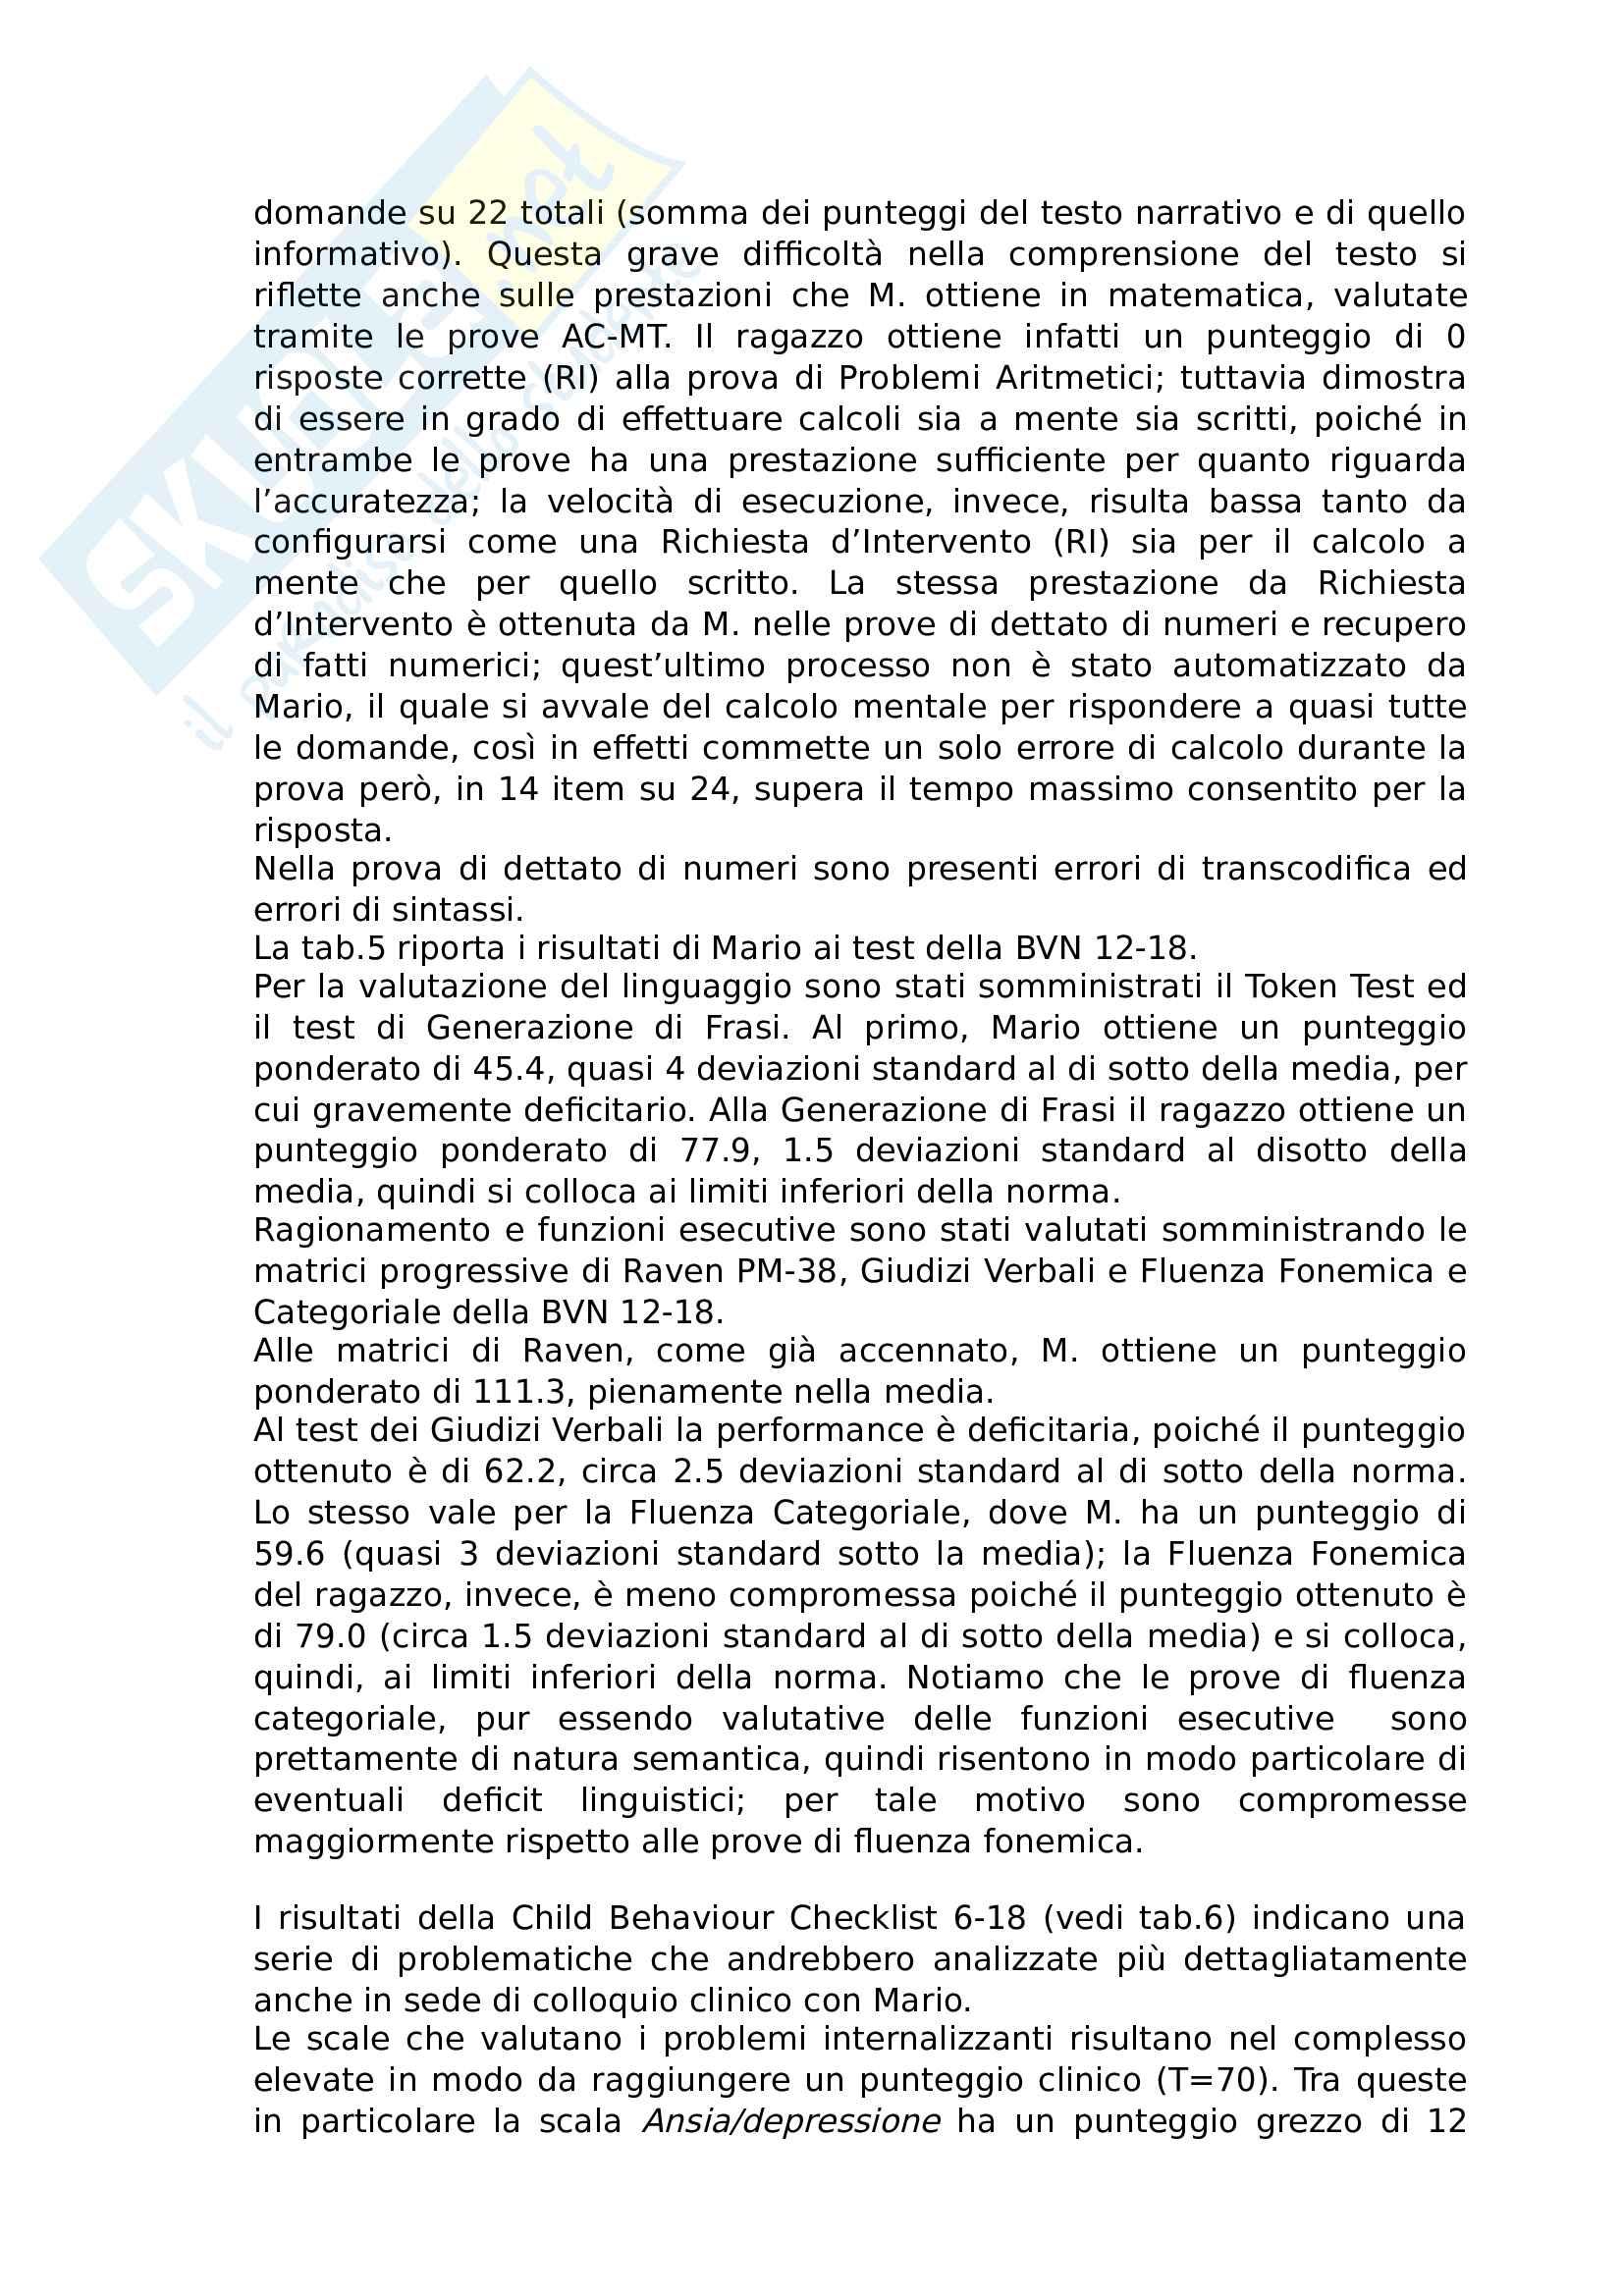 Modello di relazione neuropsicologica su caso clinico reale Pag. 6